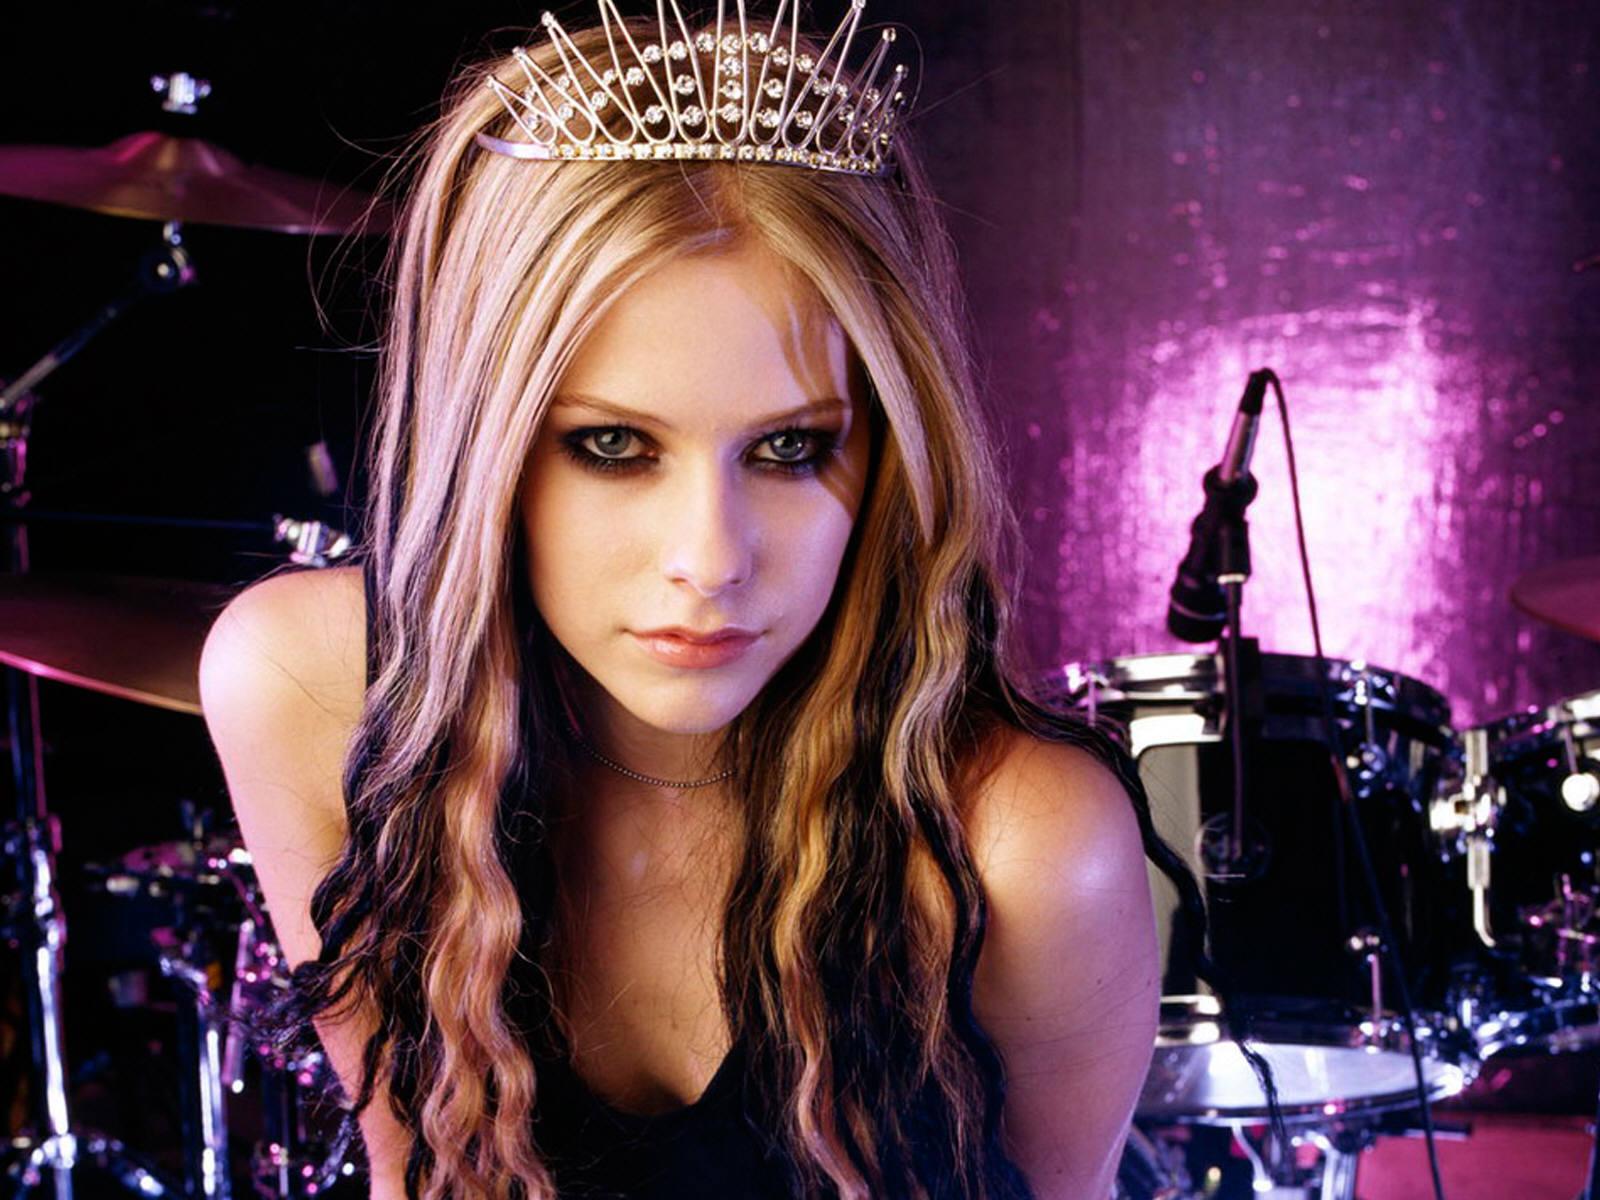 http://4.bp.blogspot.com/_pZgbA1YZ-YM/TURaQ2naHuI/AAAAAAAAB4g/tigaYl9YpdU/s1600/Avril-Lavigne.jpg